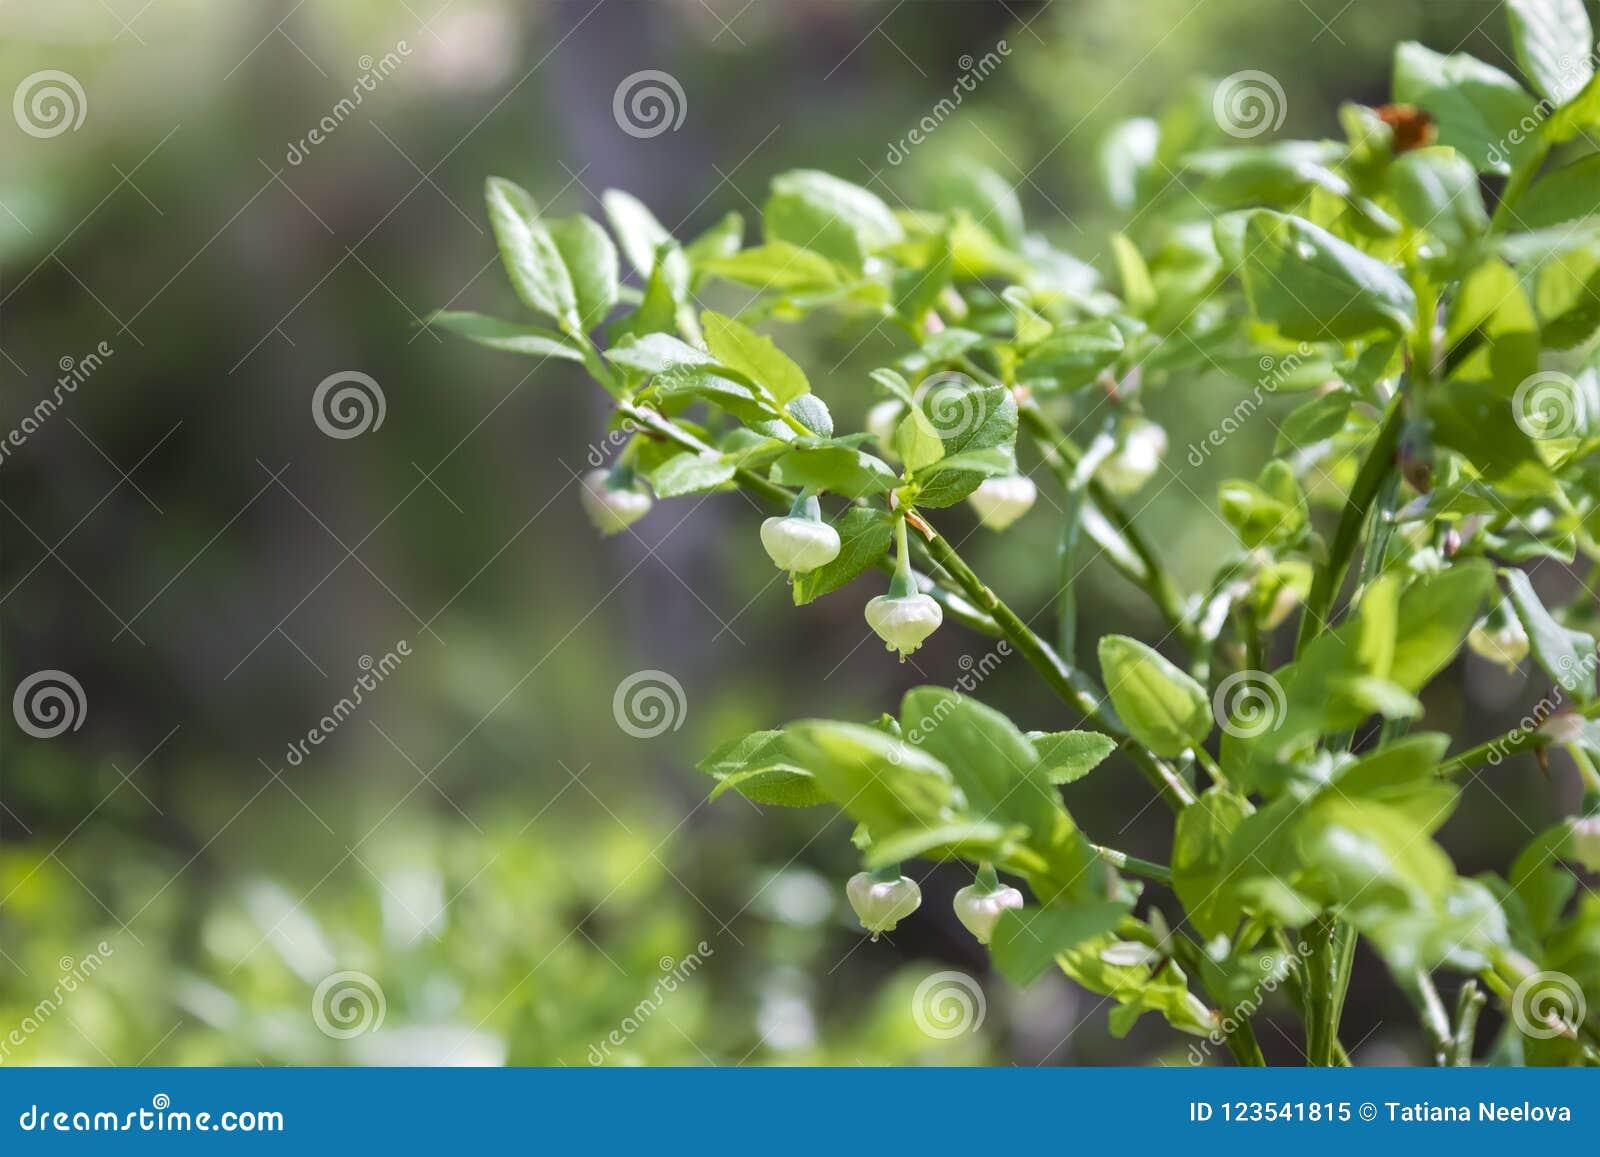 Una foto del mirtillo, del vaccinium uliginosum, del giorno soleggiato della foresta dei fiori in primavera e dei mirtilli di fio